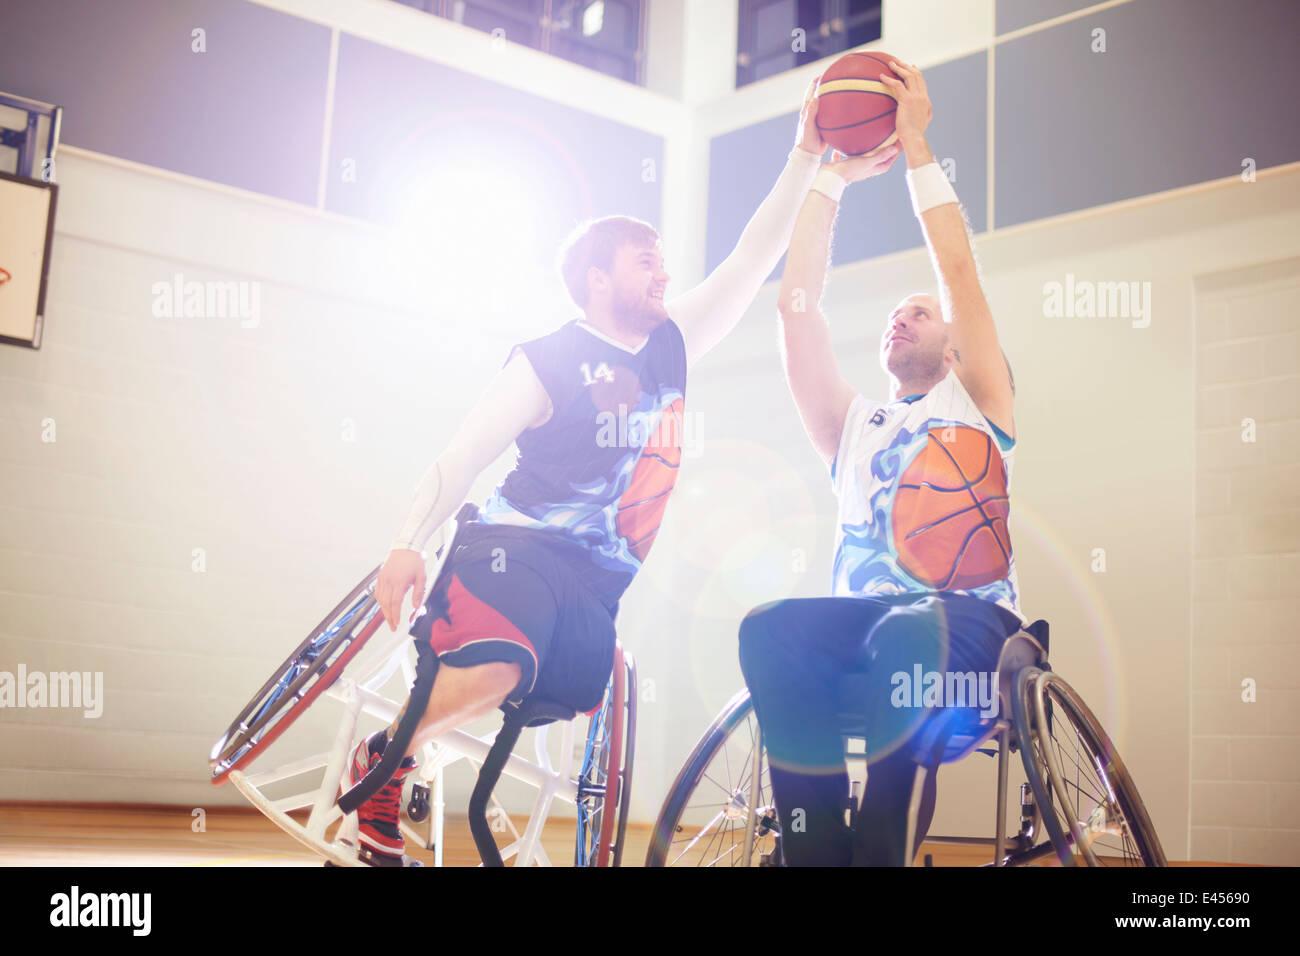 Les joueurs de basket-ball jouant au basket-ball en fauteuil roulant Photo Stock